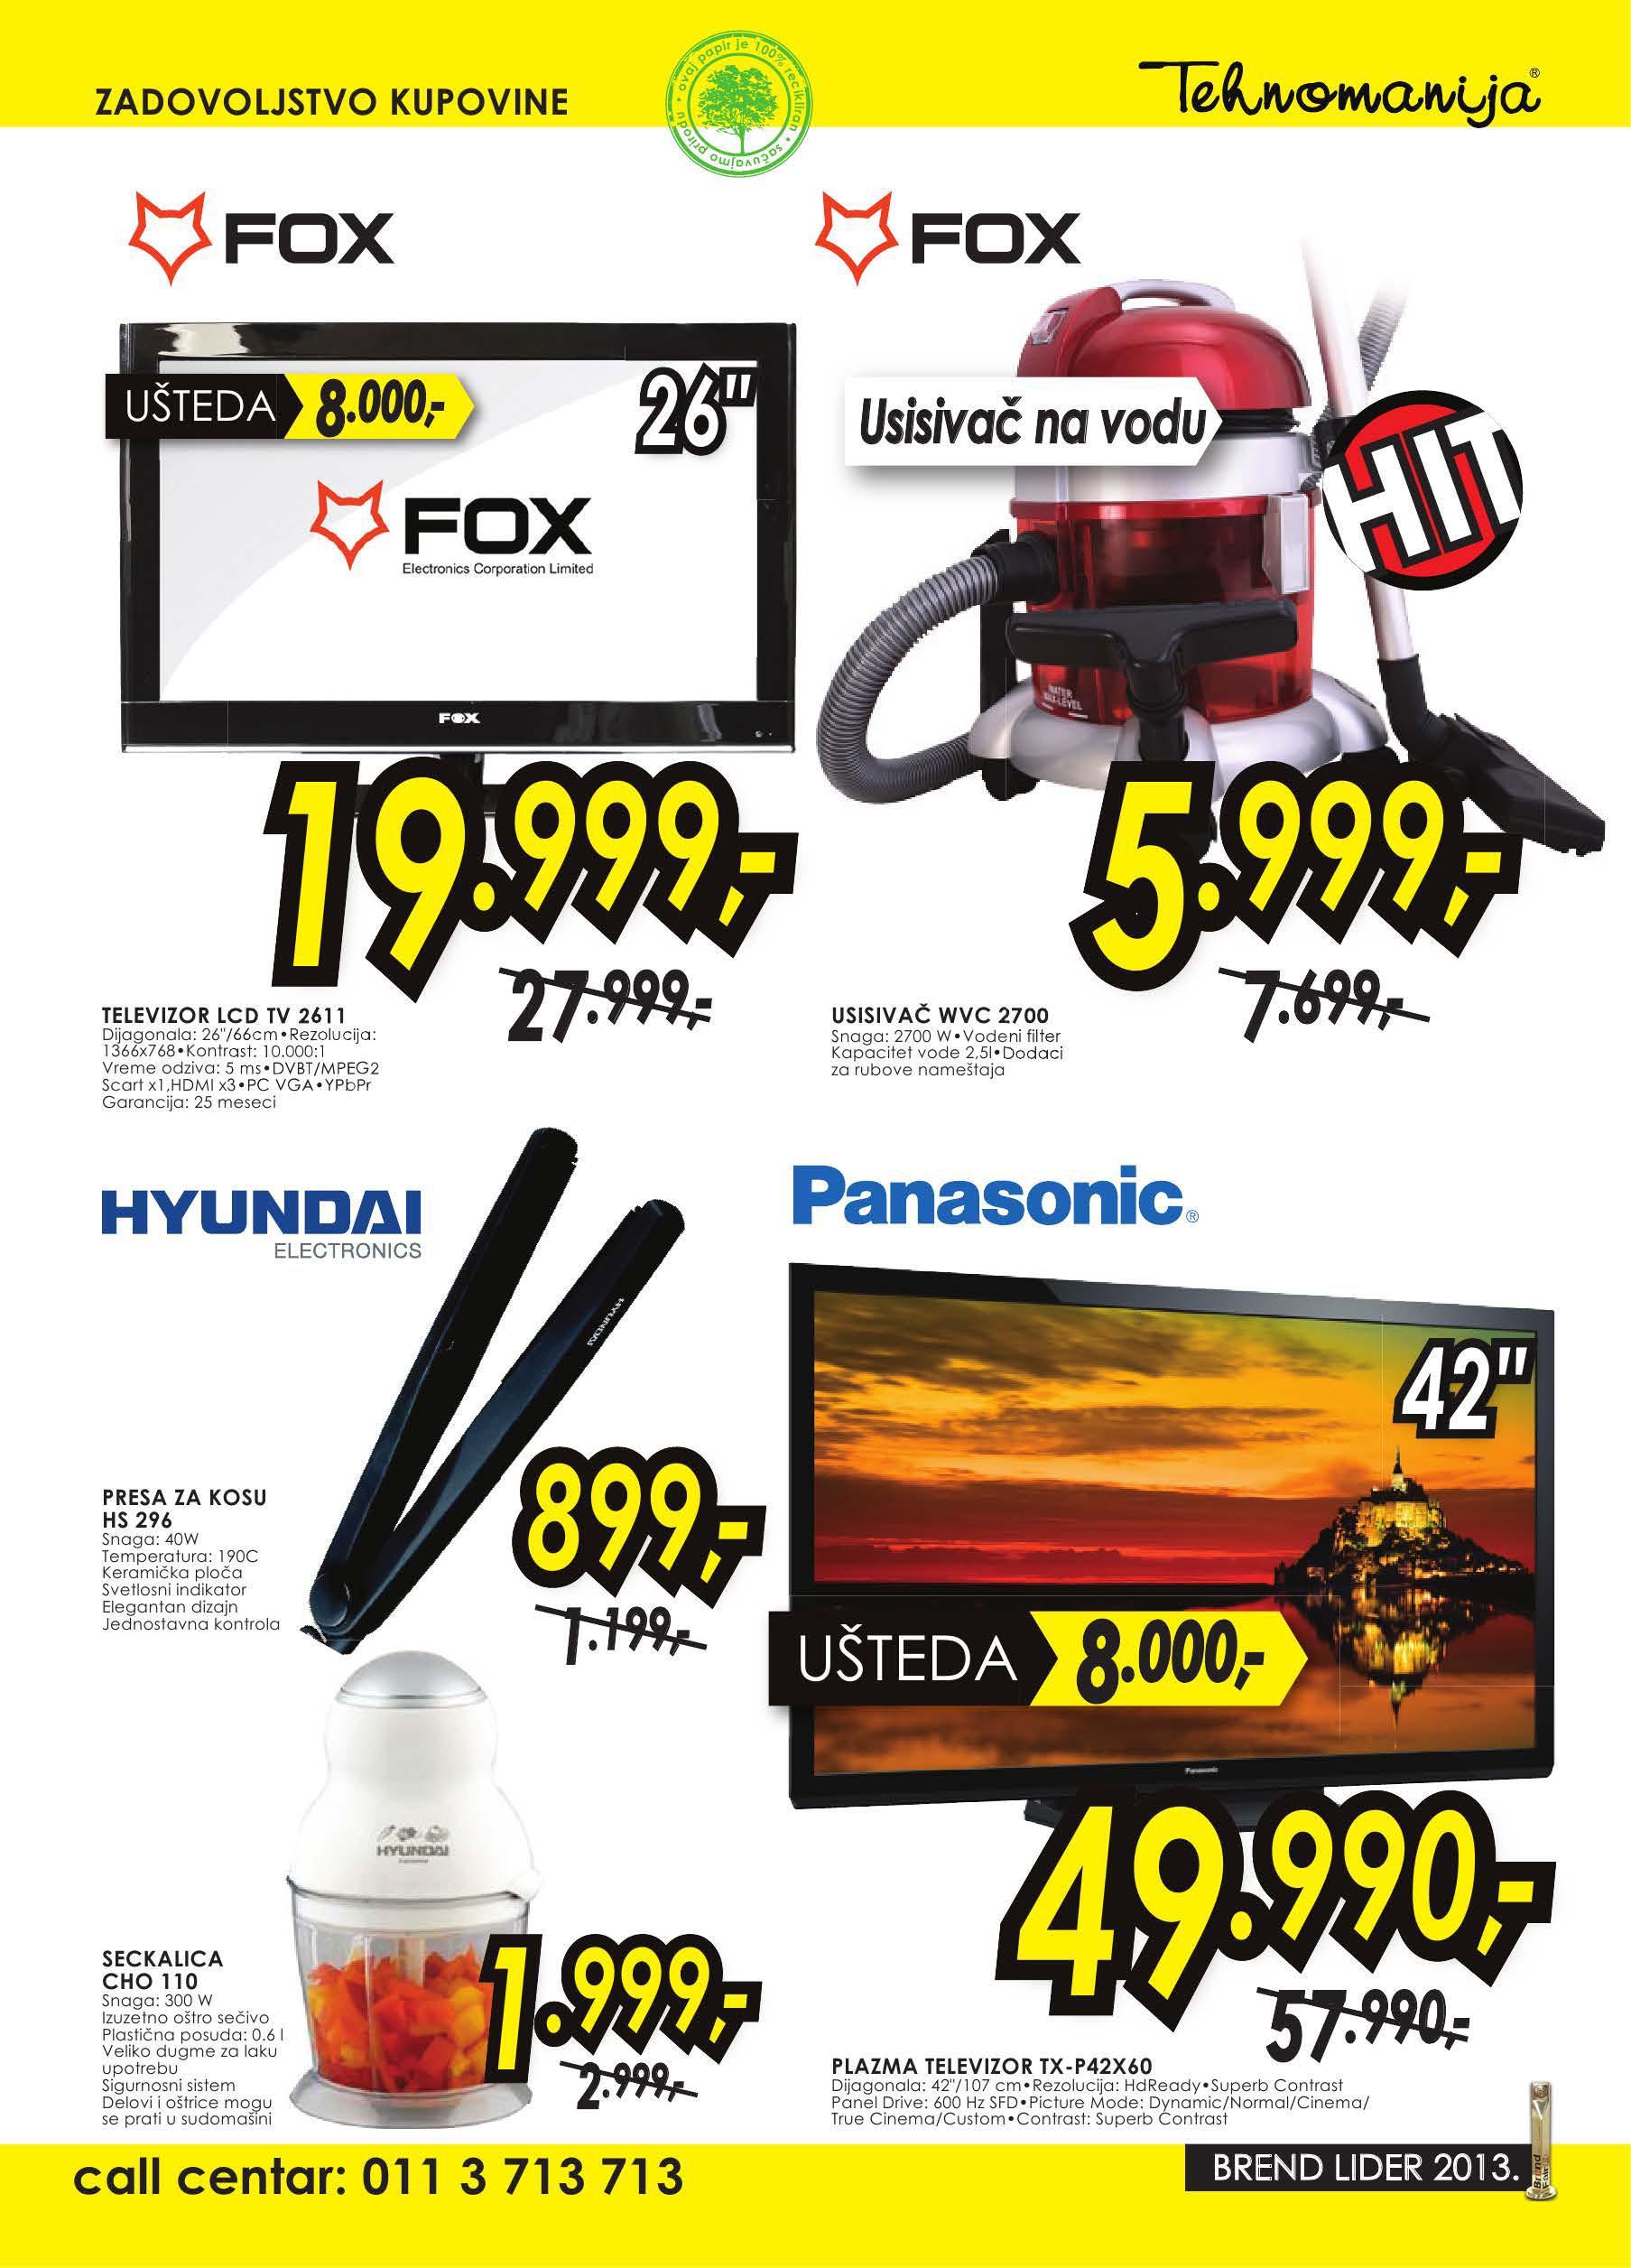 Tehnomanija katalog super cena za vas